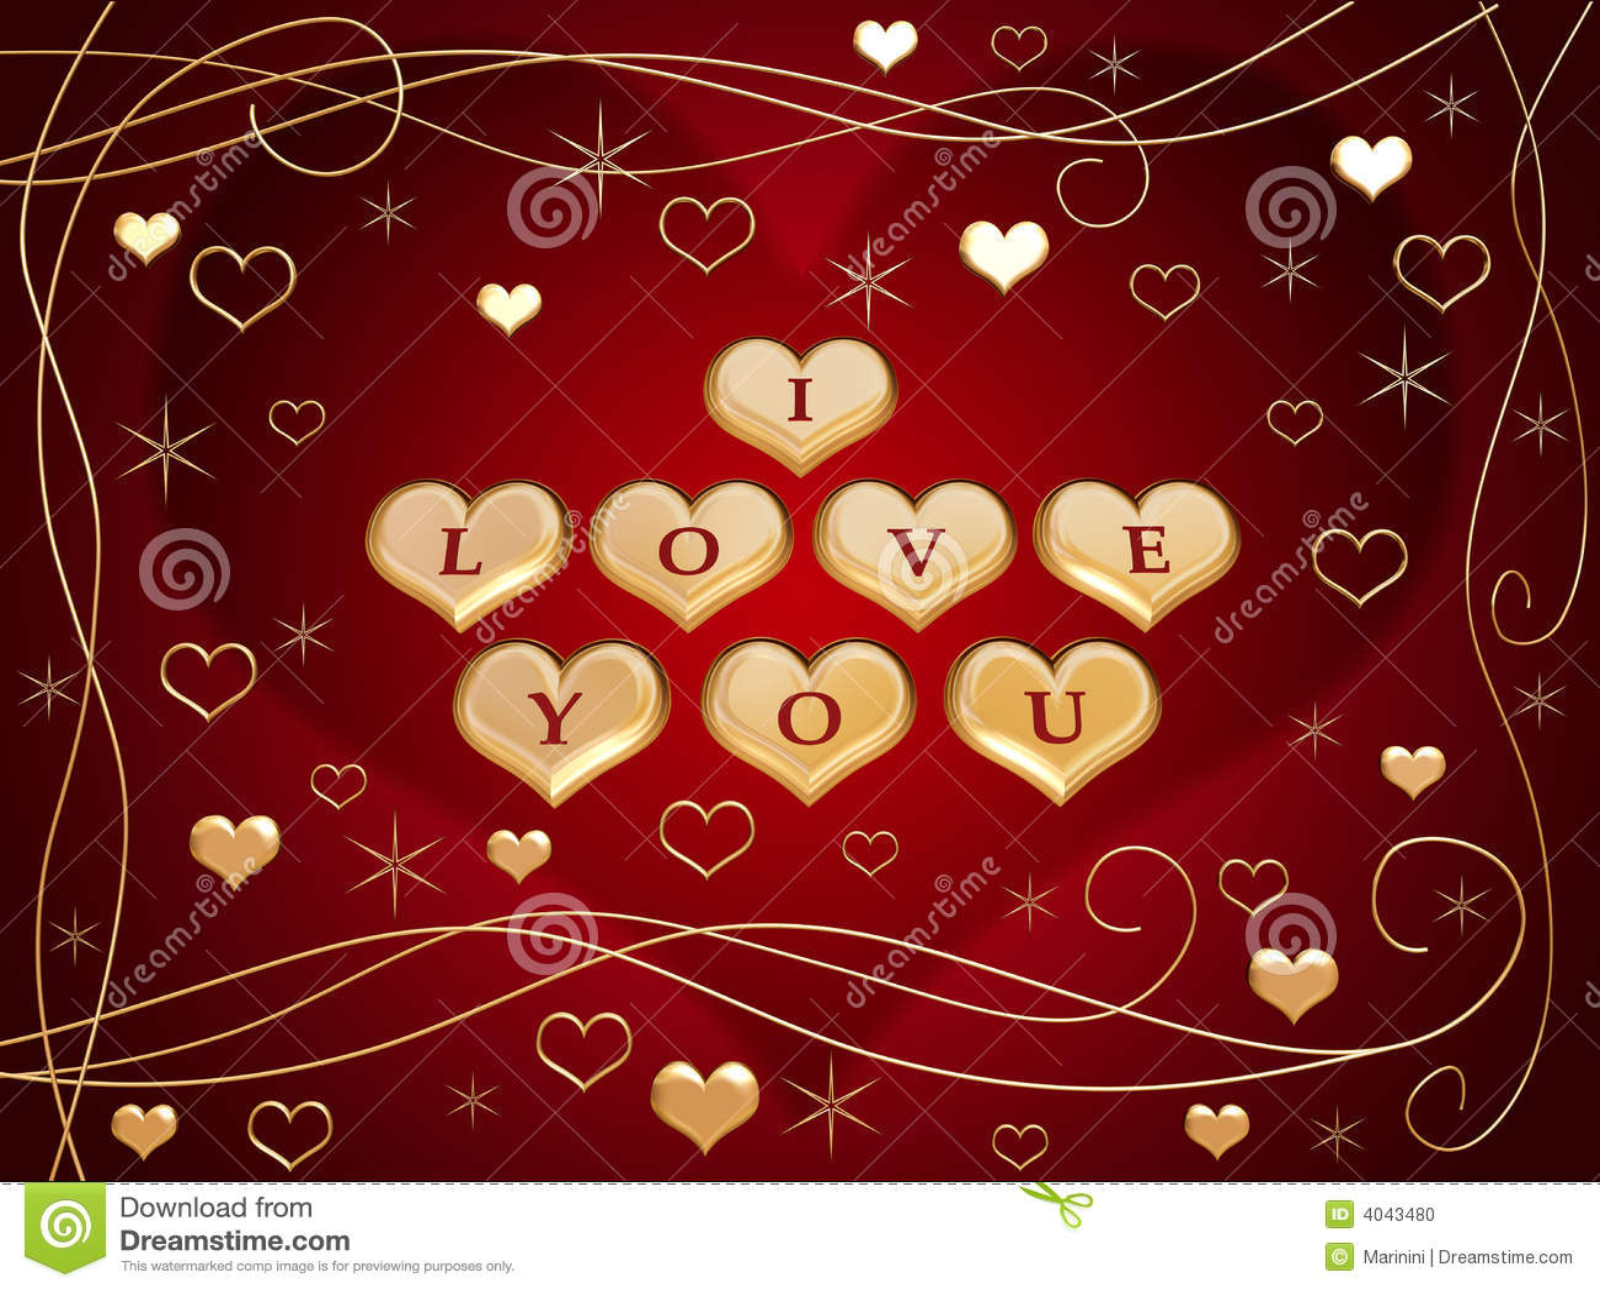 6 я тебя люблю